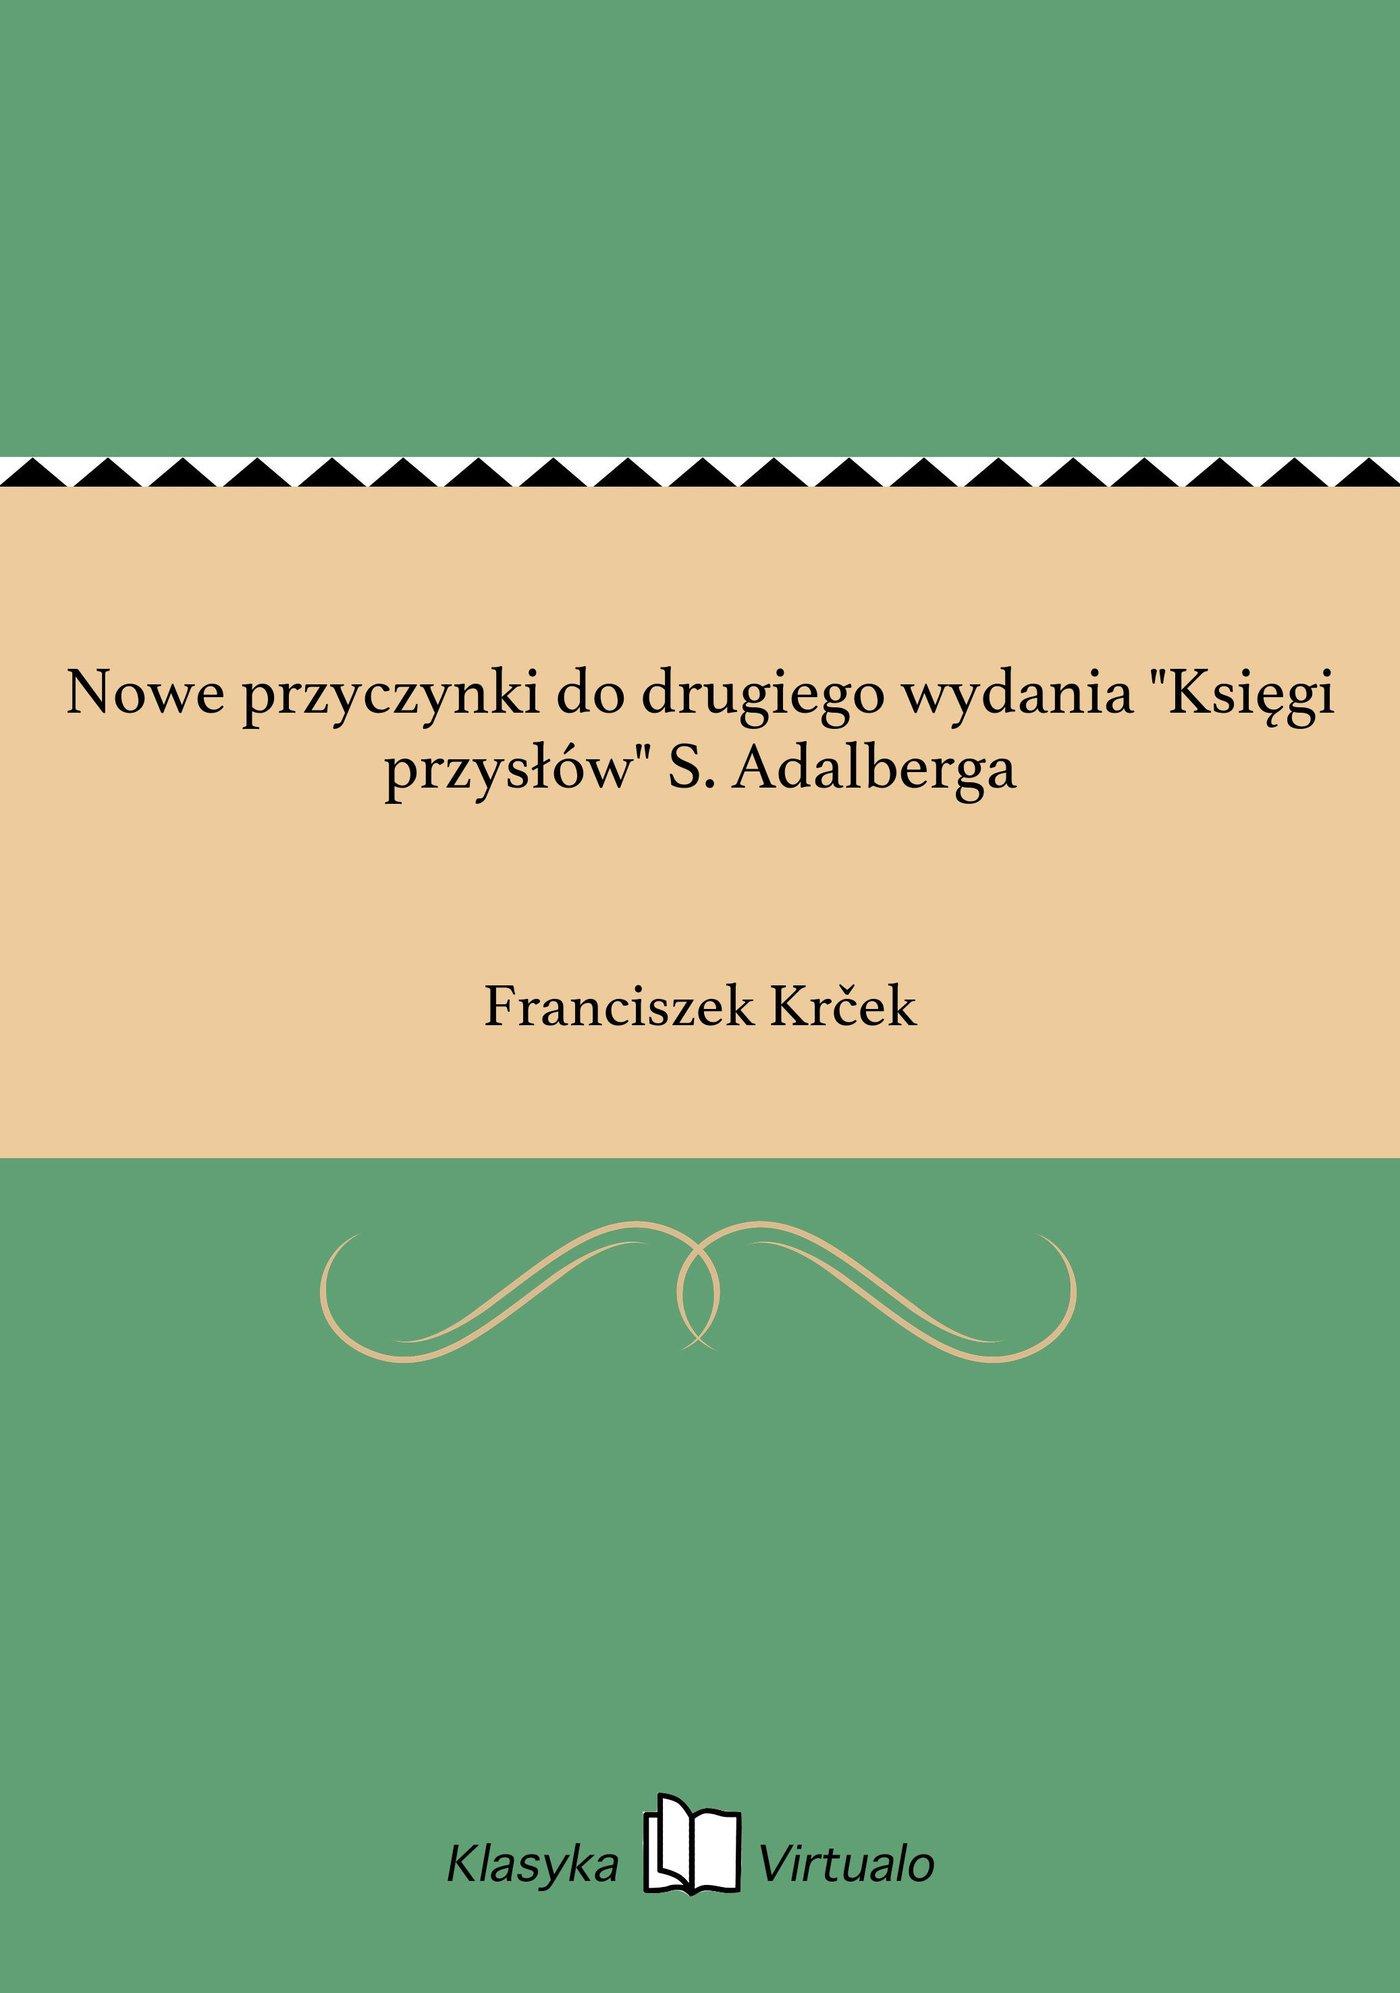 """Nowe przyczynki do drugiego wydania """"Księgi przysłów"""" S. Adalberga - Ebook (Książka EPUB) do pobrania w formacie EPUB"""